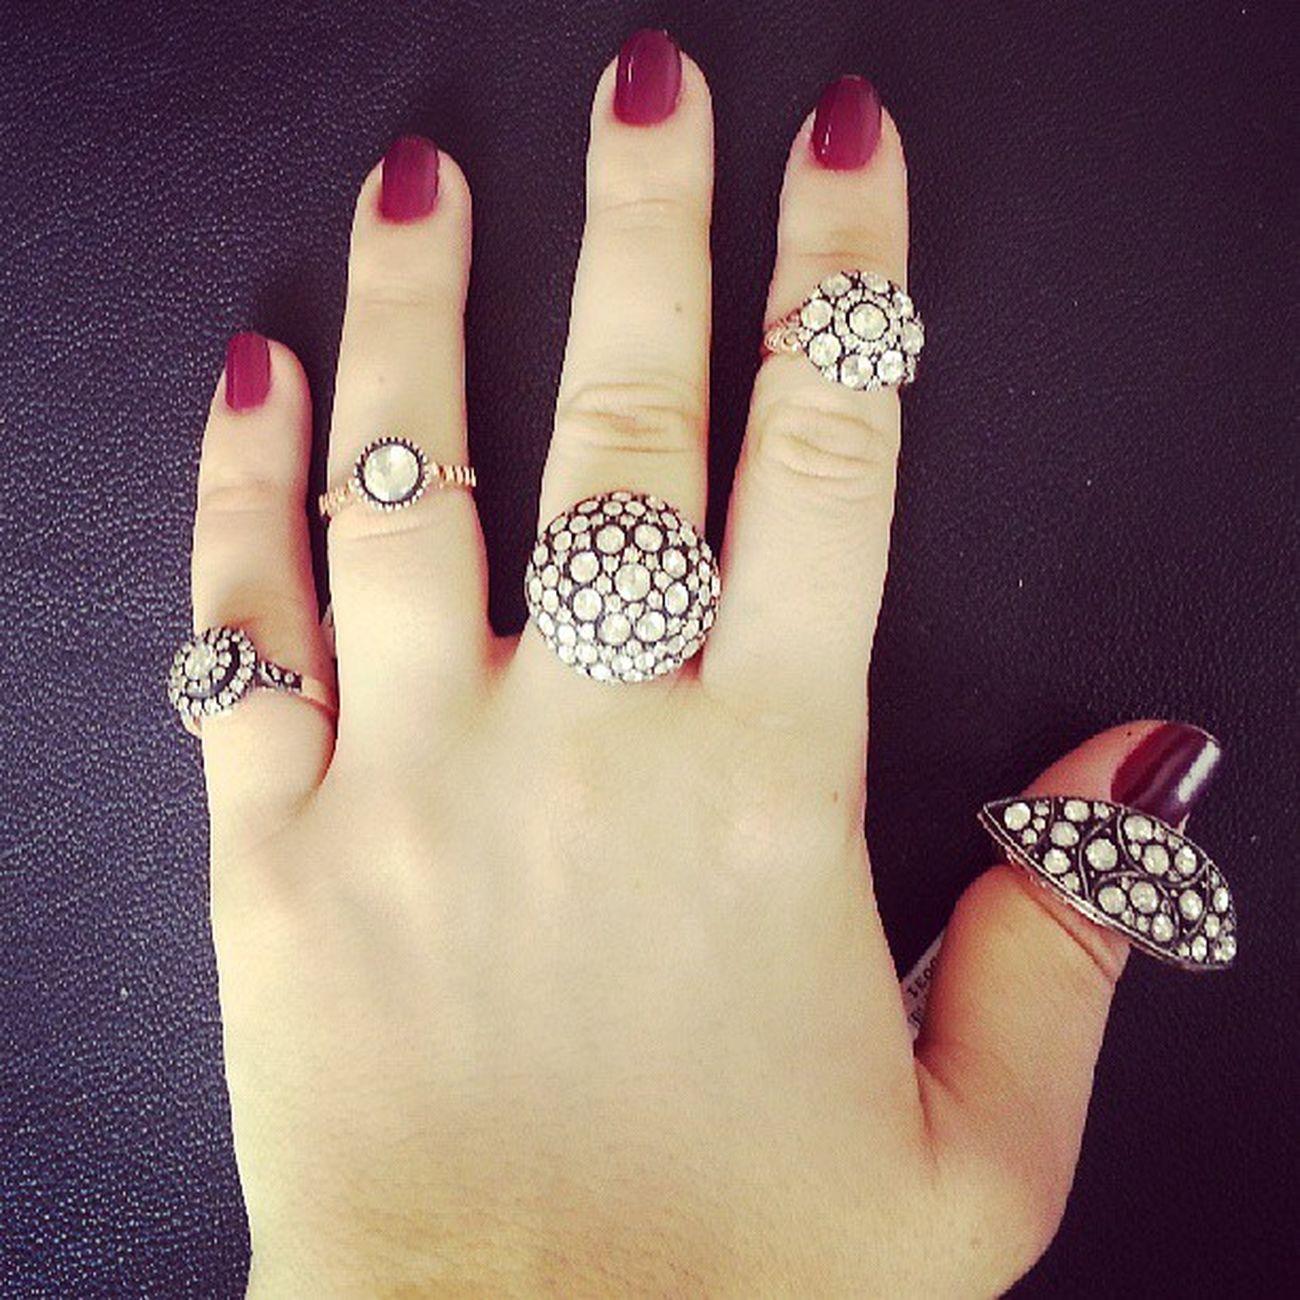 Birkac favori modelim olabilir.Bence bu gayet normal:)) Instapod Instaturk Instagramania Jewellery Jewelery Elmas Pirlanta Style Rosecut Mücevher Instajewelery Instadaily Igers Igersturkiye Igfashion Igersmania Fashion Elite Stil